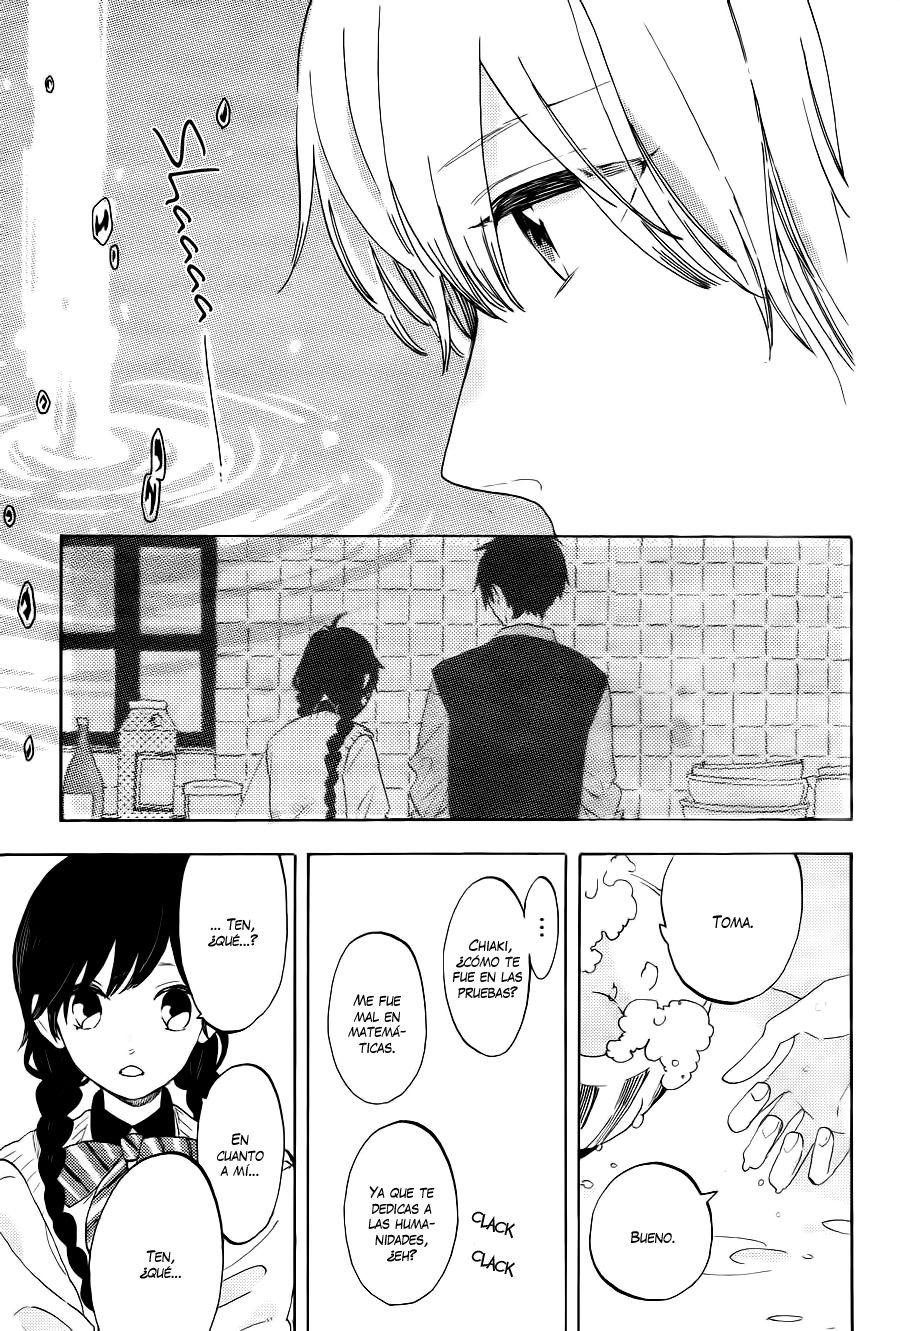 http://c5.ninemanga.com/es_manga/pic2/19/18451/488291/19415392e1213854f465b52ba2abf0ed.jpg Page 20